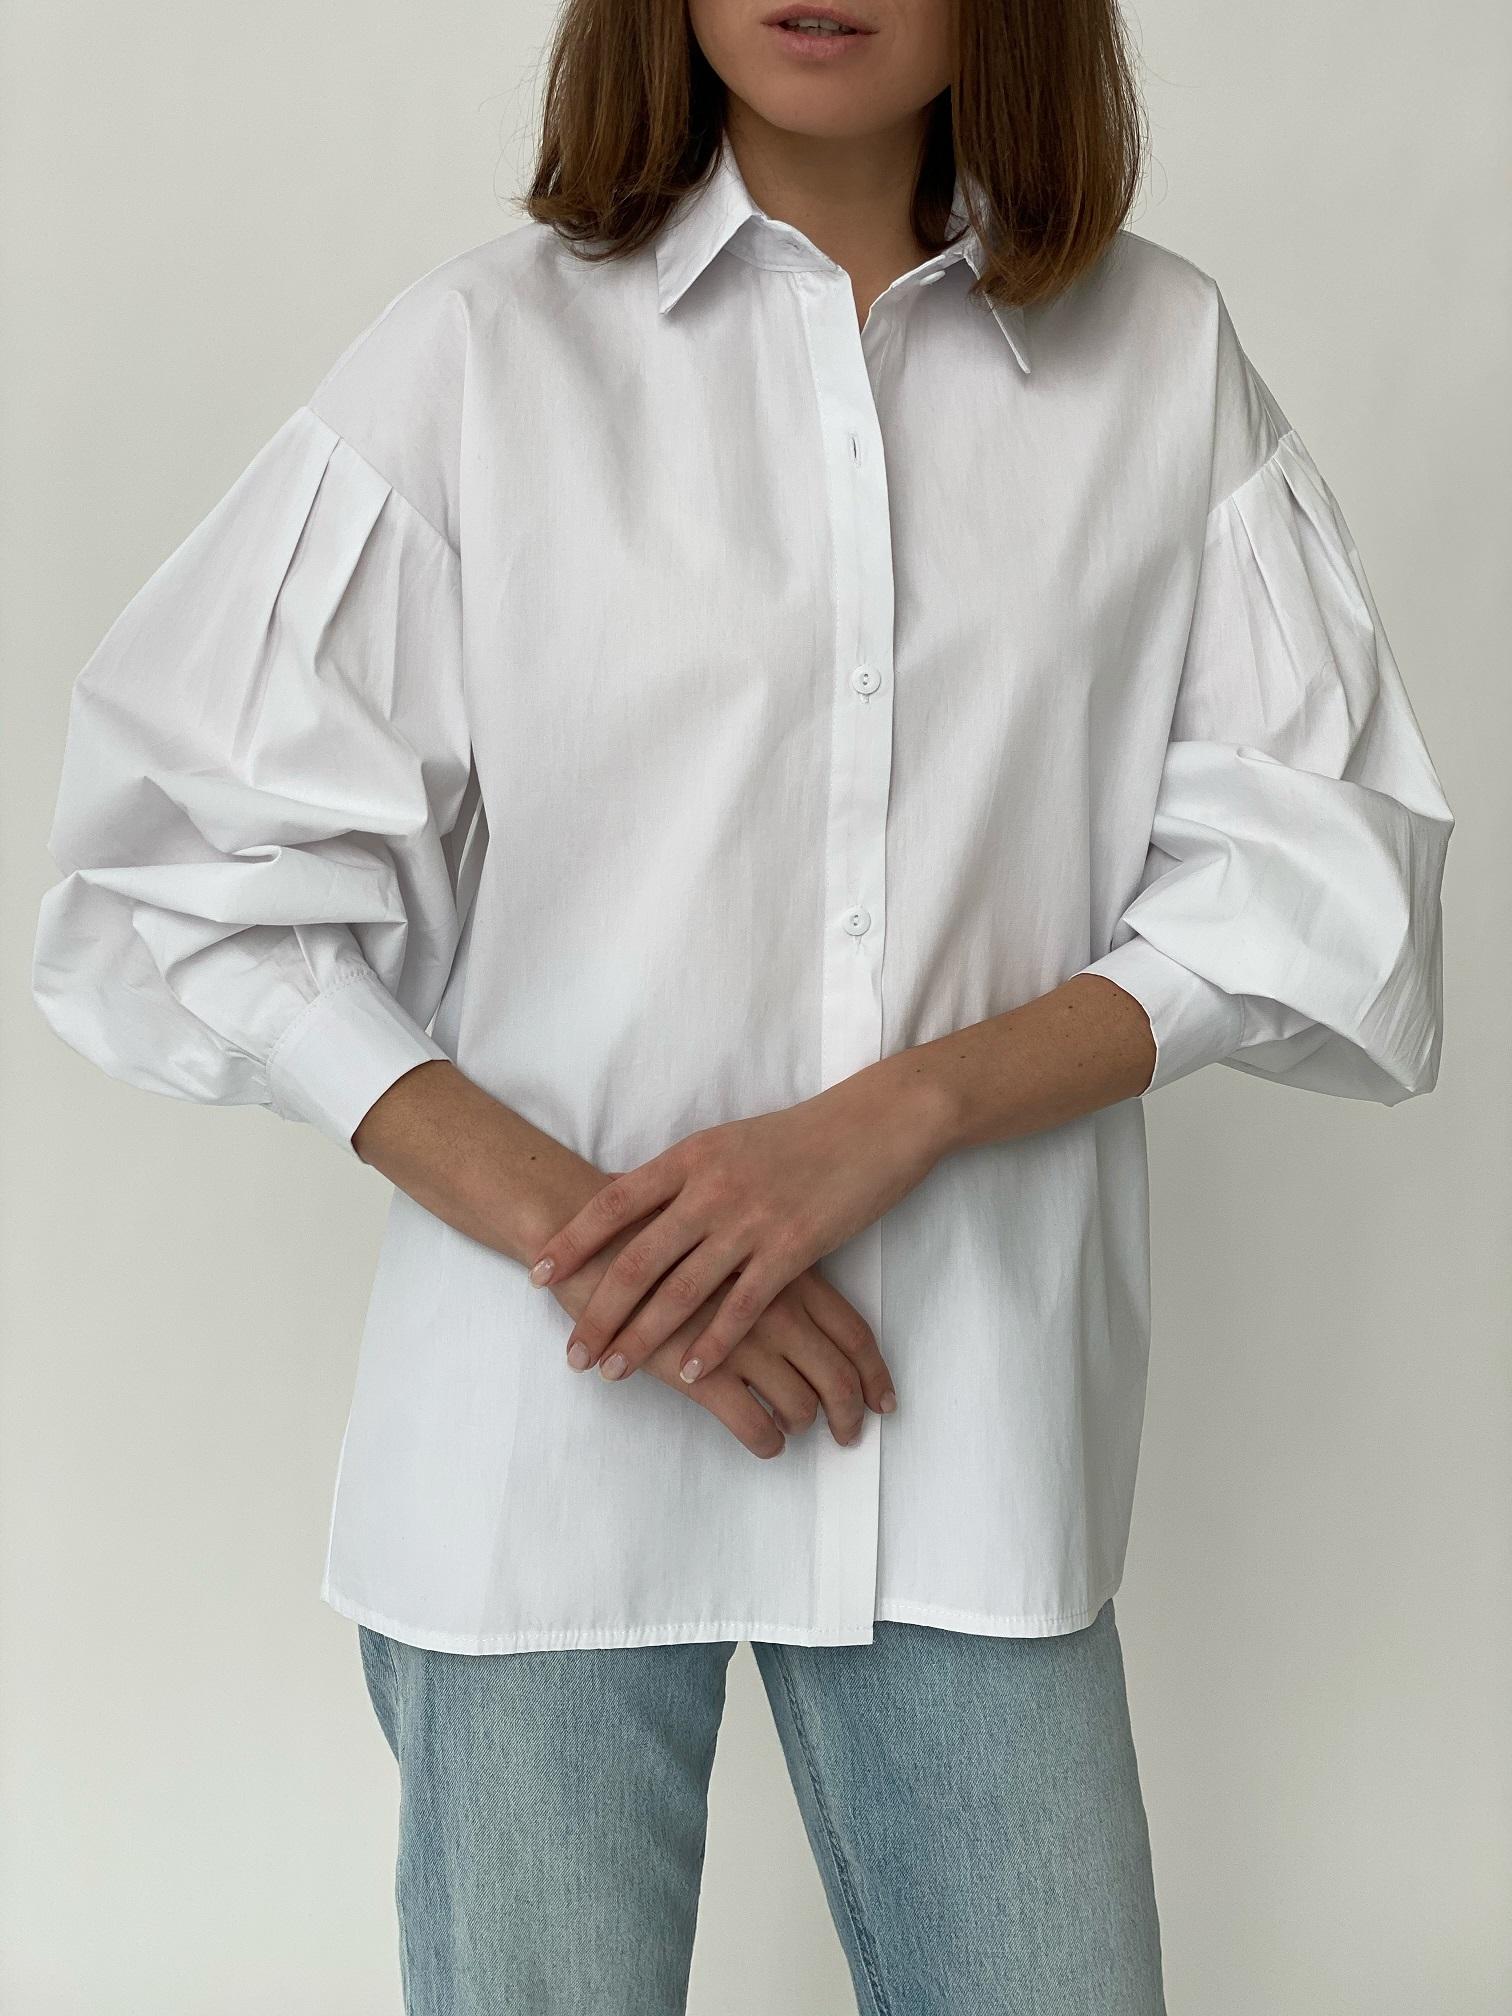 Рубашка, Ballerina, Forbes I (белый)